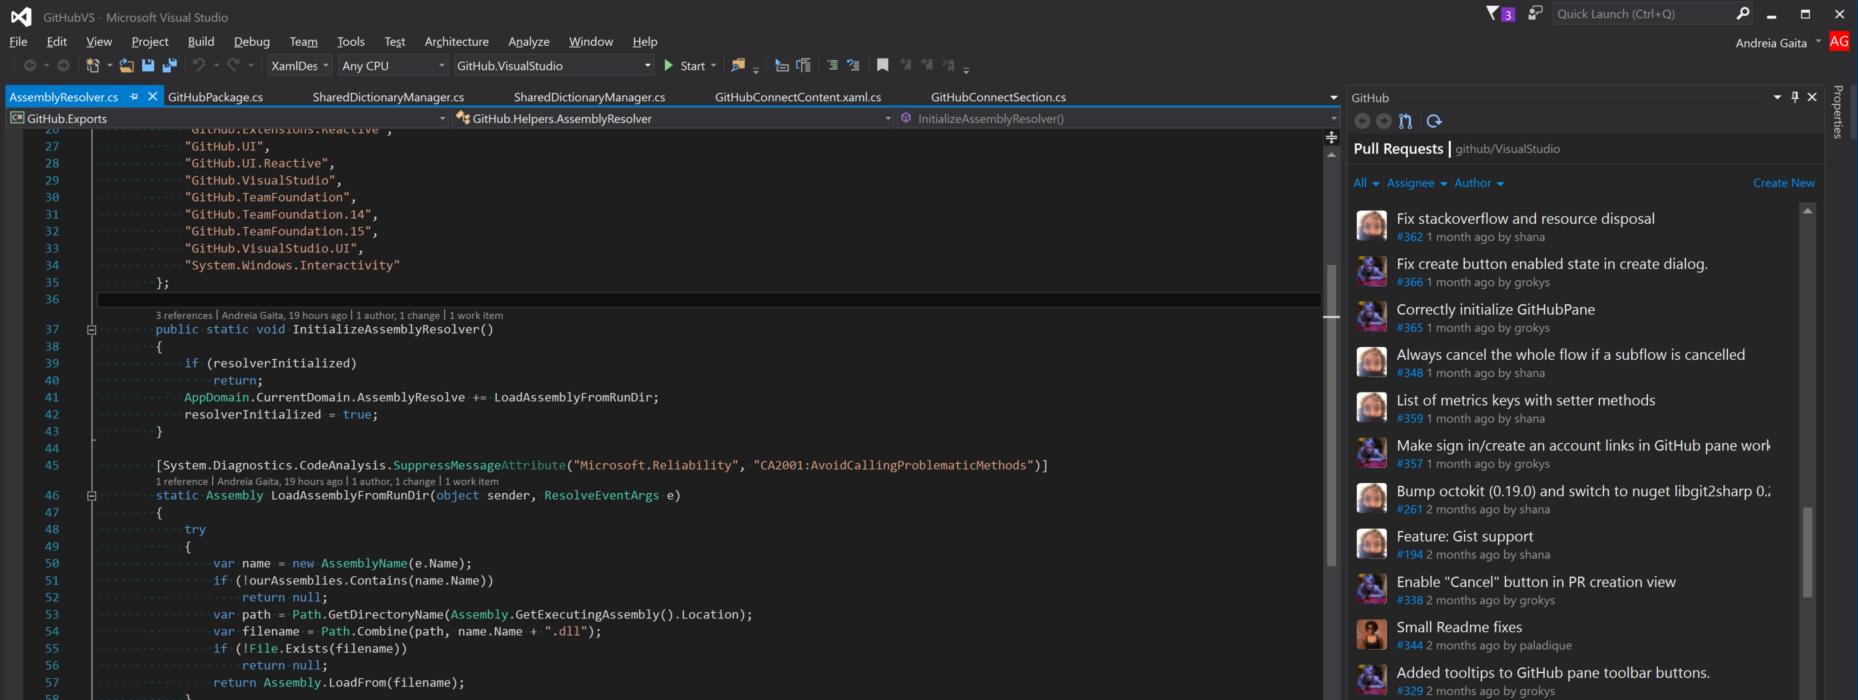 Screenshot of Visual Studio with GitHub pane open